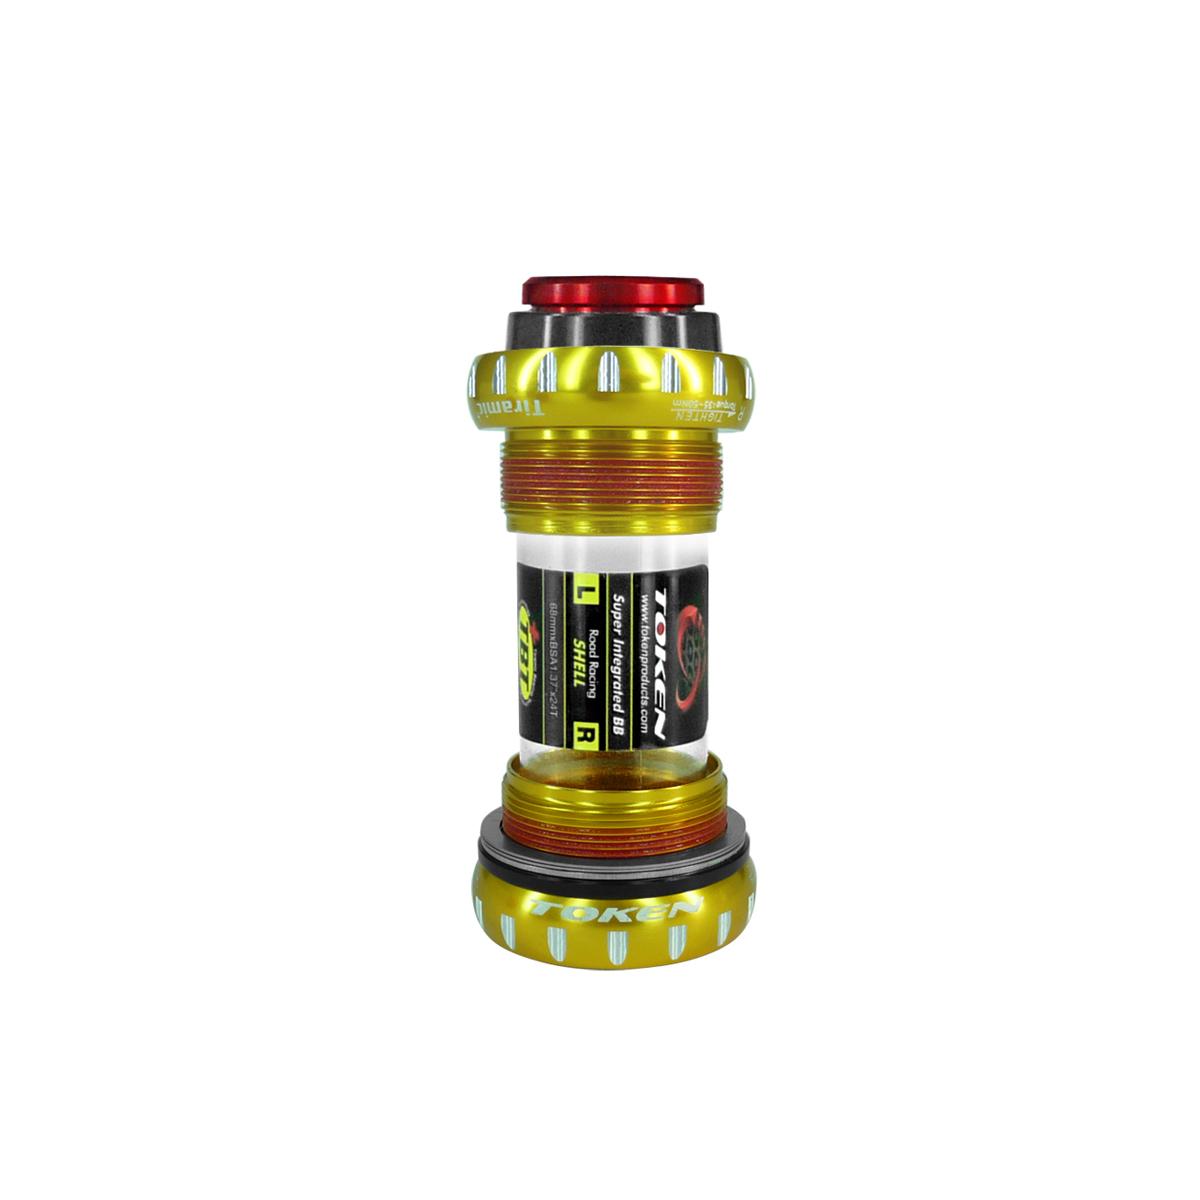 Boîtier pédalier intégré Token route comp. Shimano 68 mm Rlts céramique or